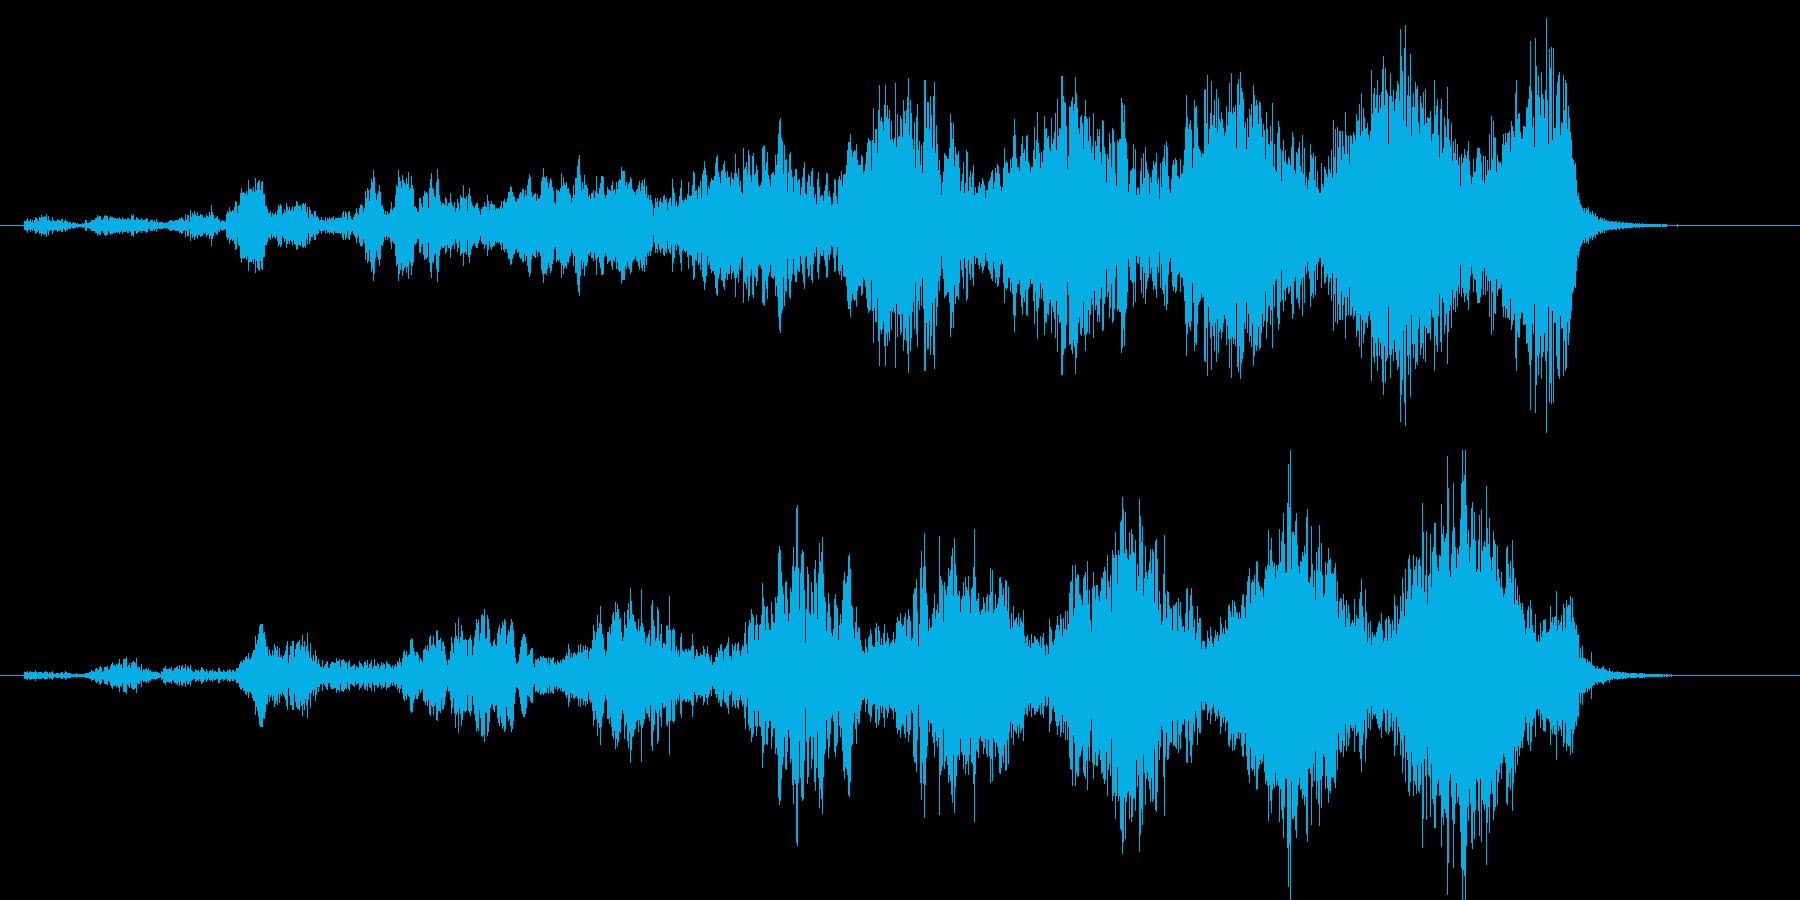 EDM系のDJ/音楽制作用フレーズ!04の再生済みの波形